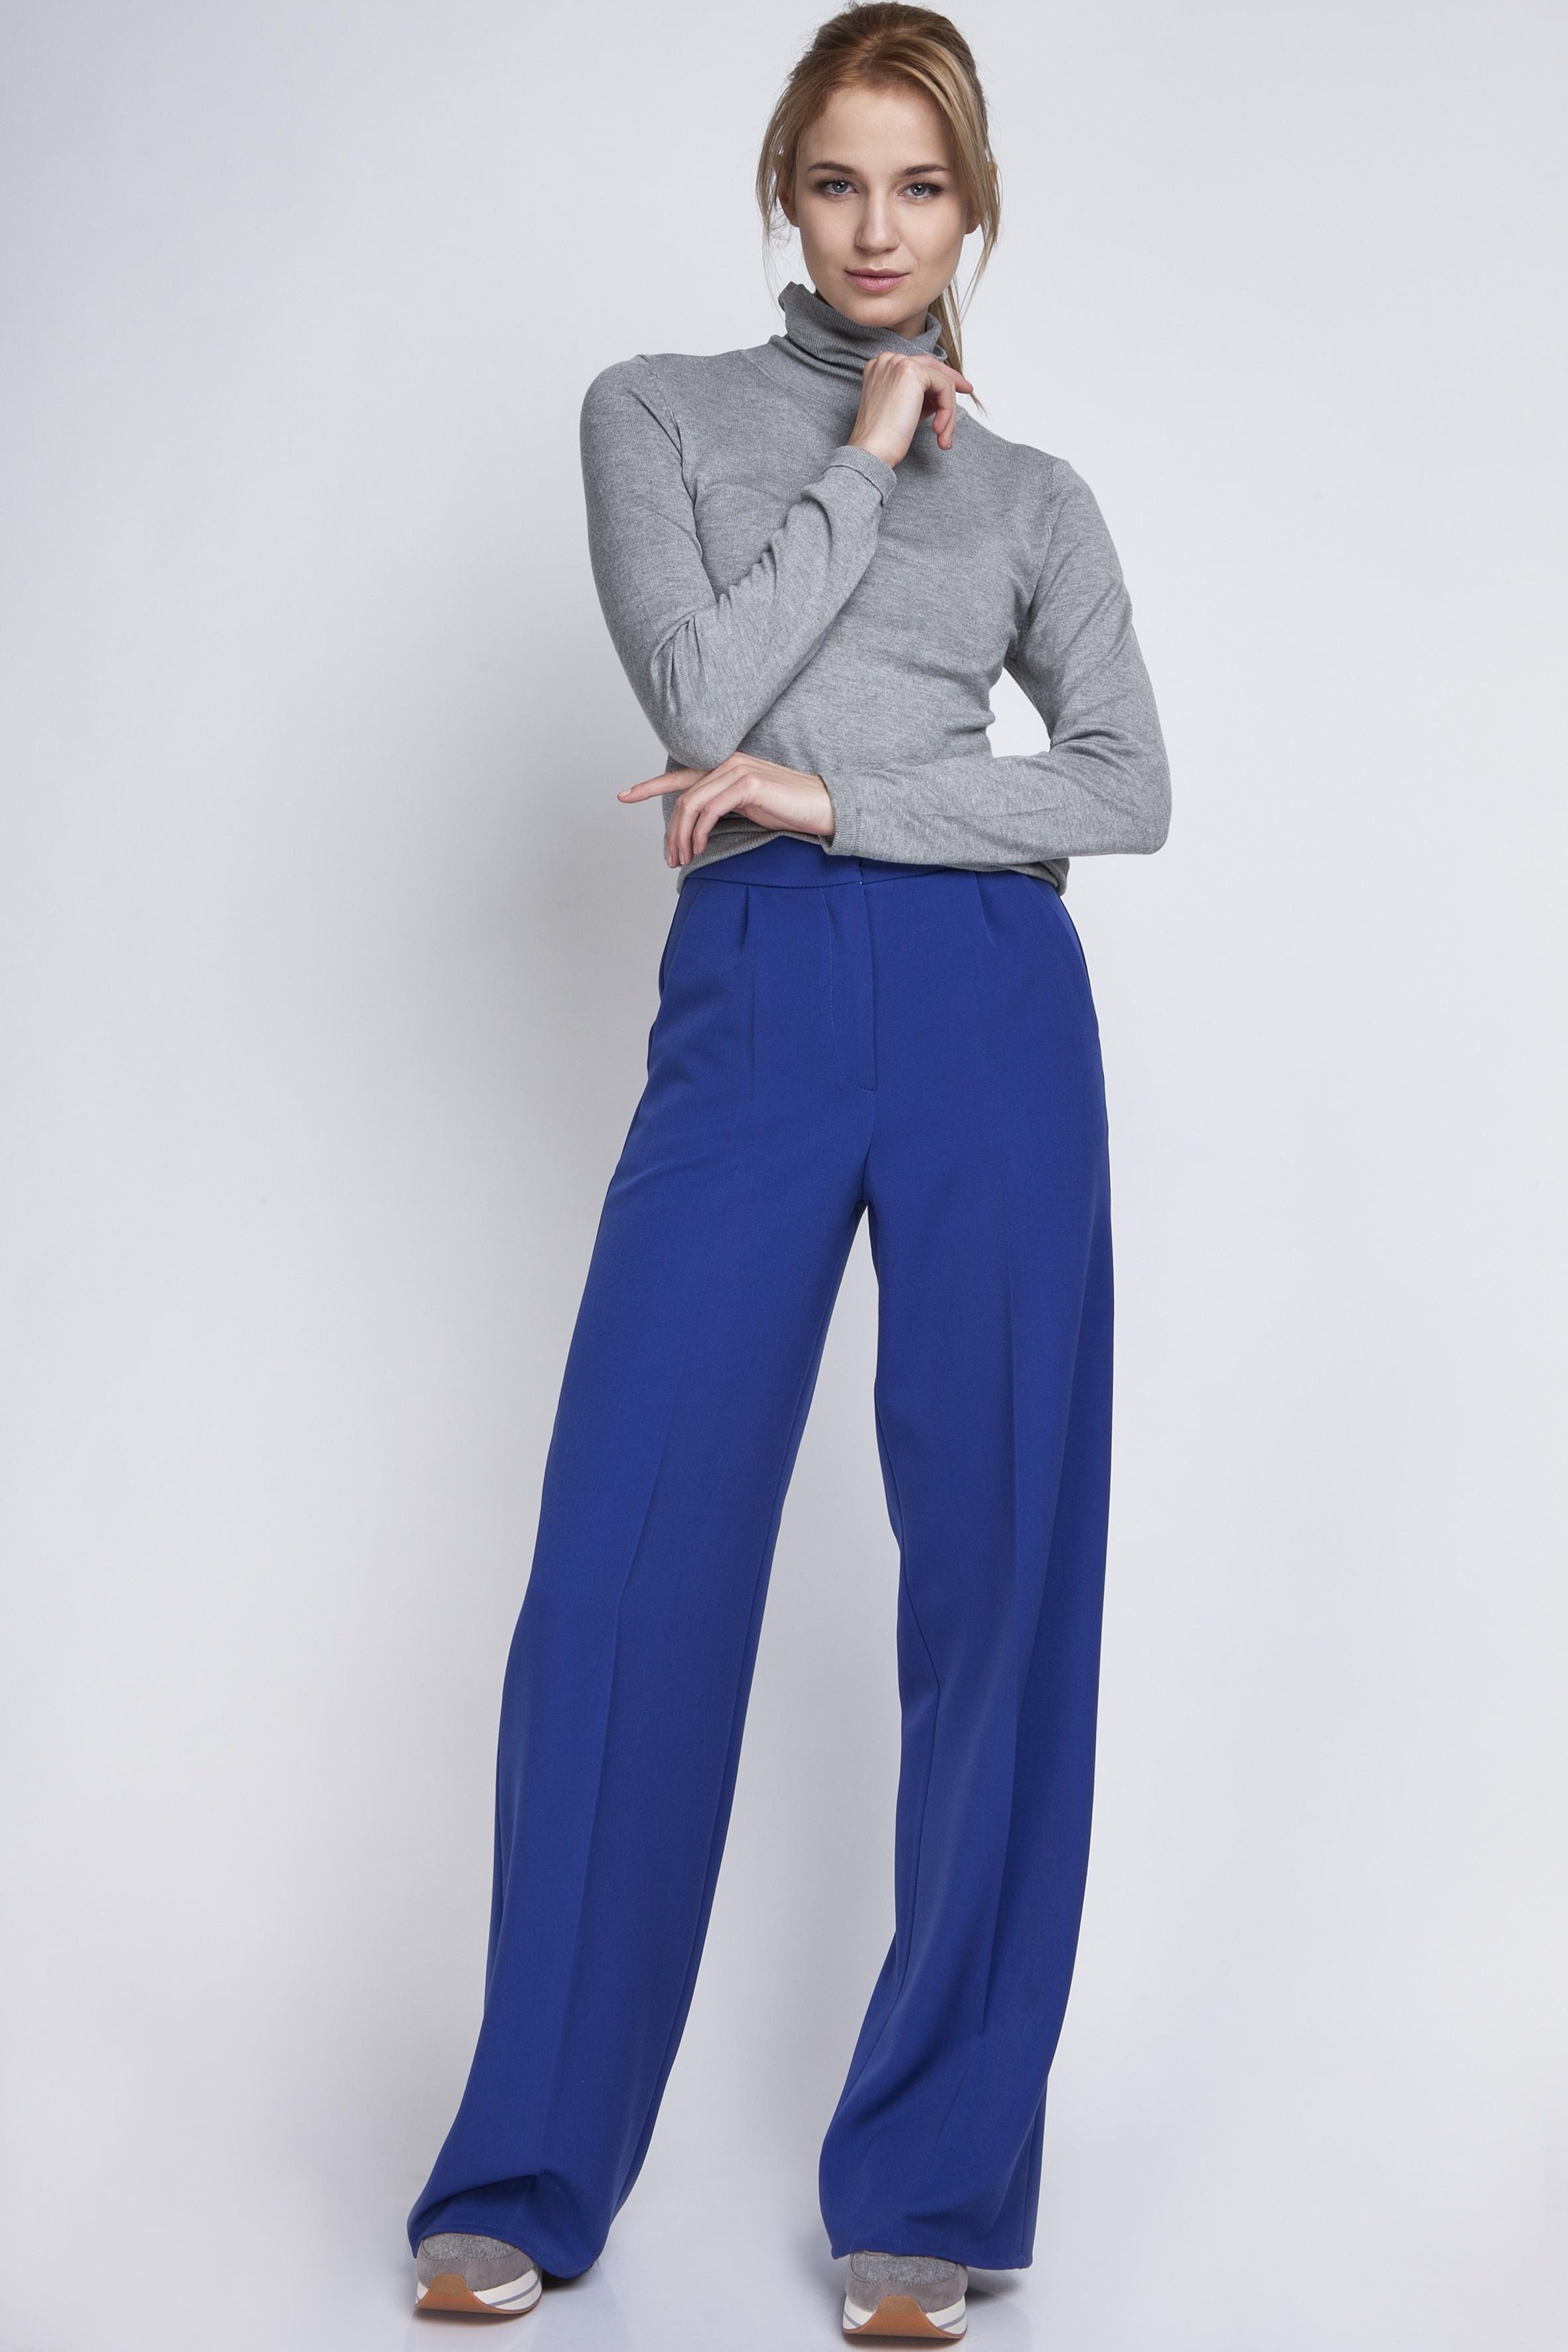 34560f2dff3542 Szerokie spodnie z wysokim stanem, SD111 indygo - Lanti